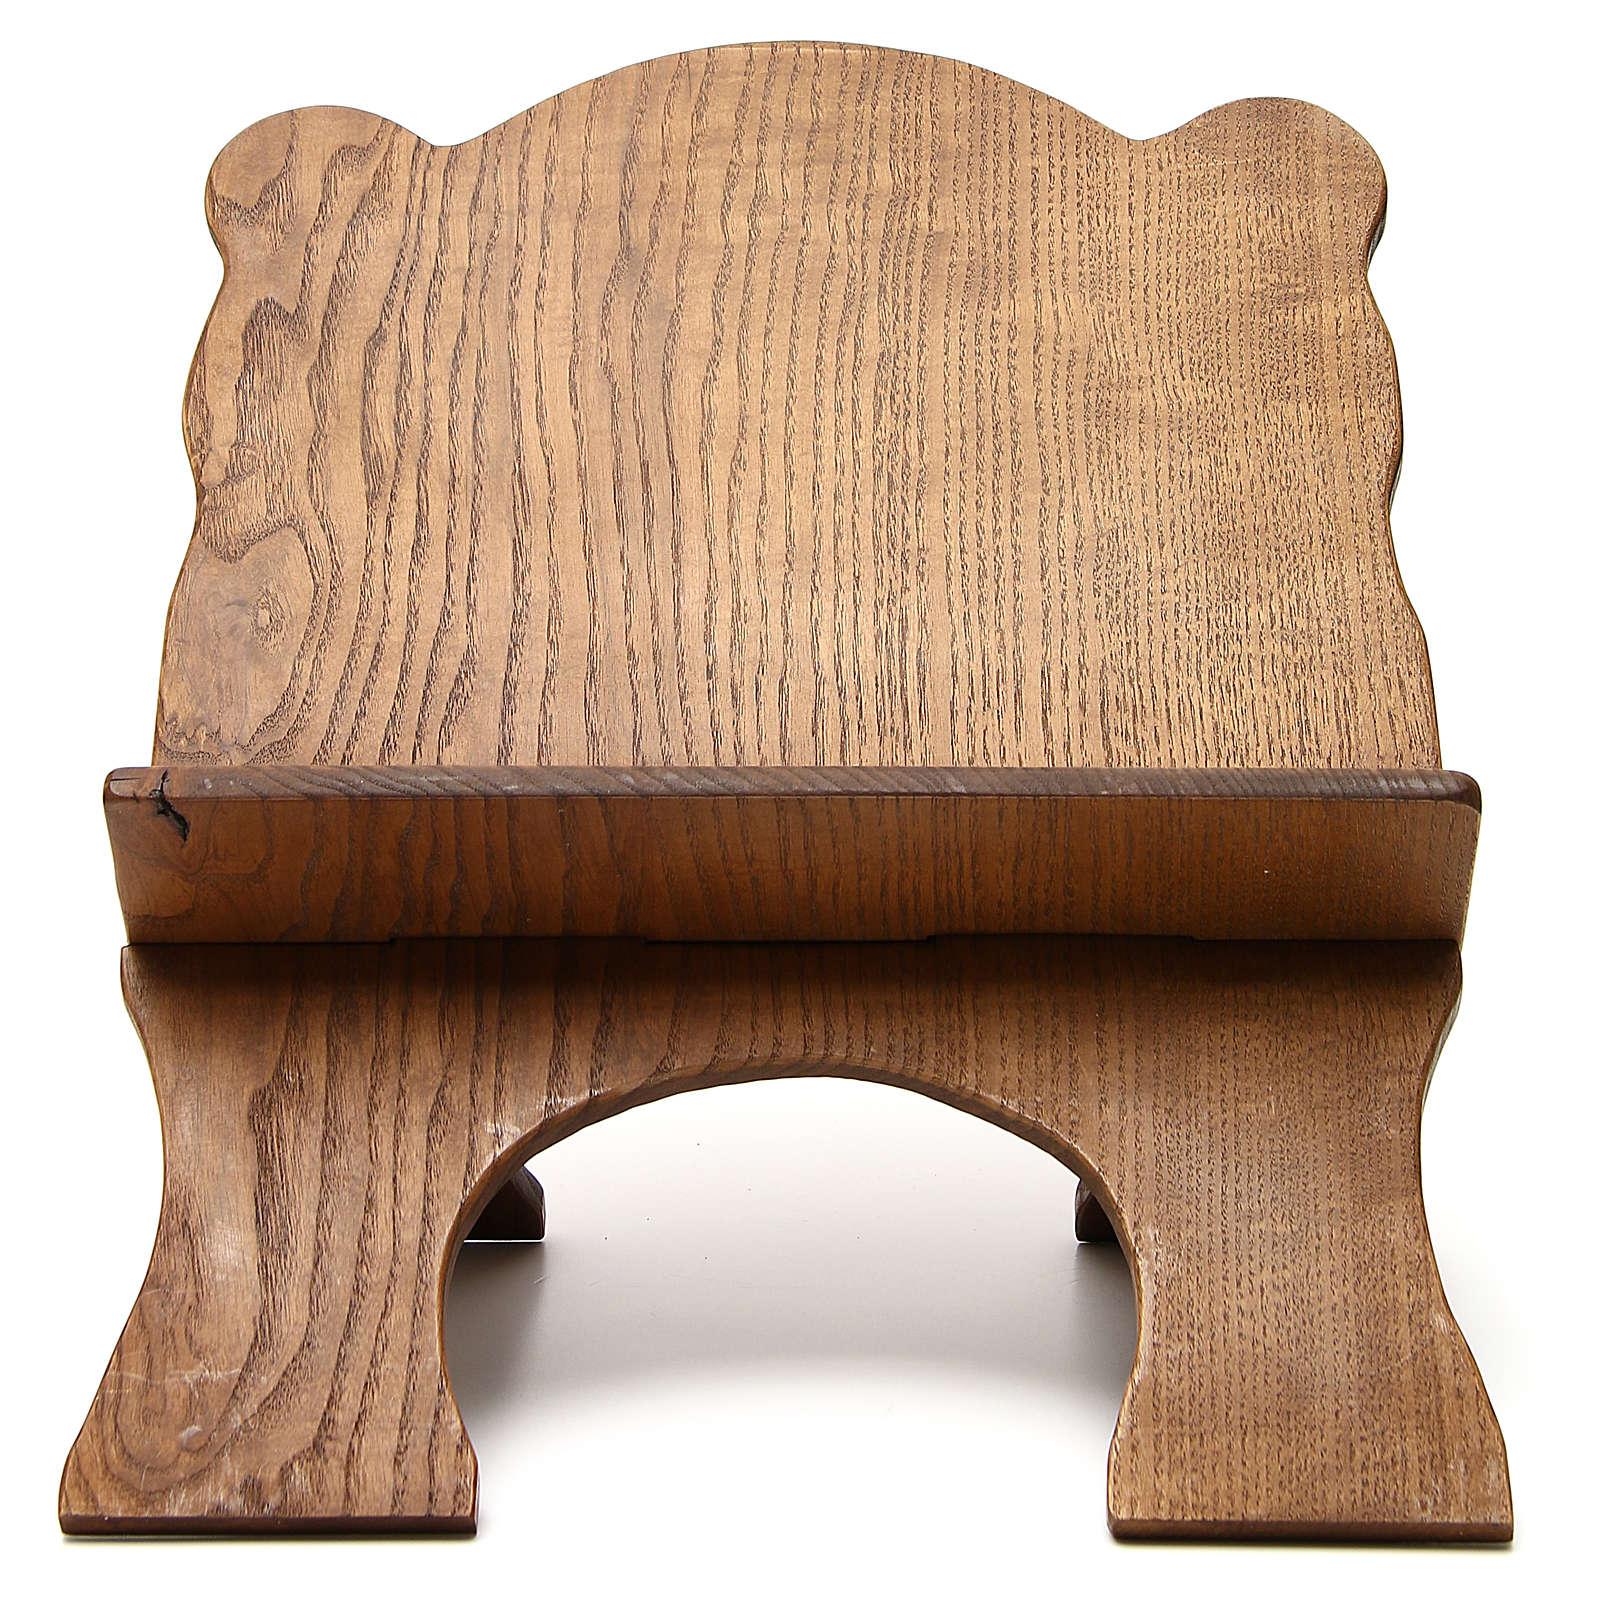 Estante mesa freixo escuro simples Monges de Belém 4